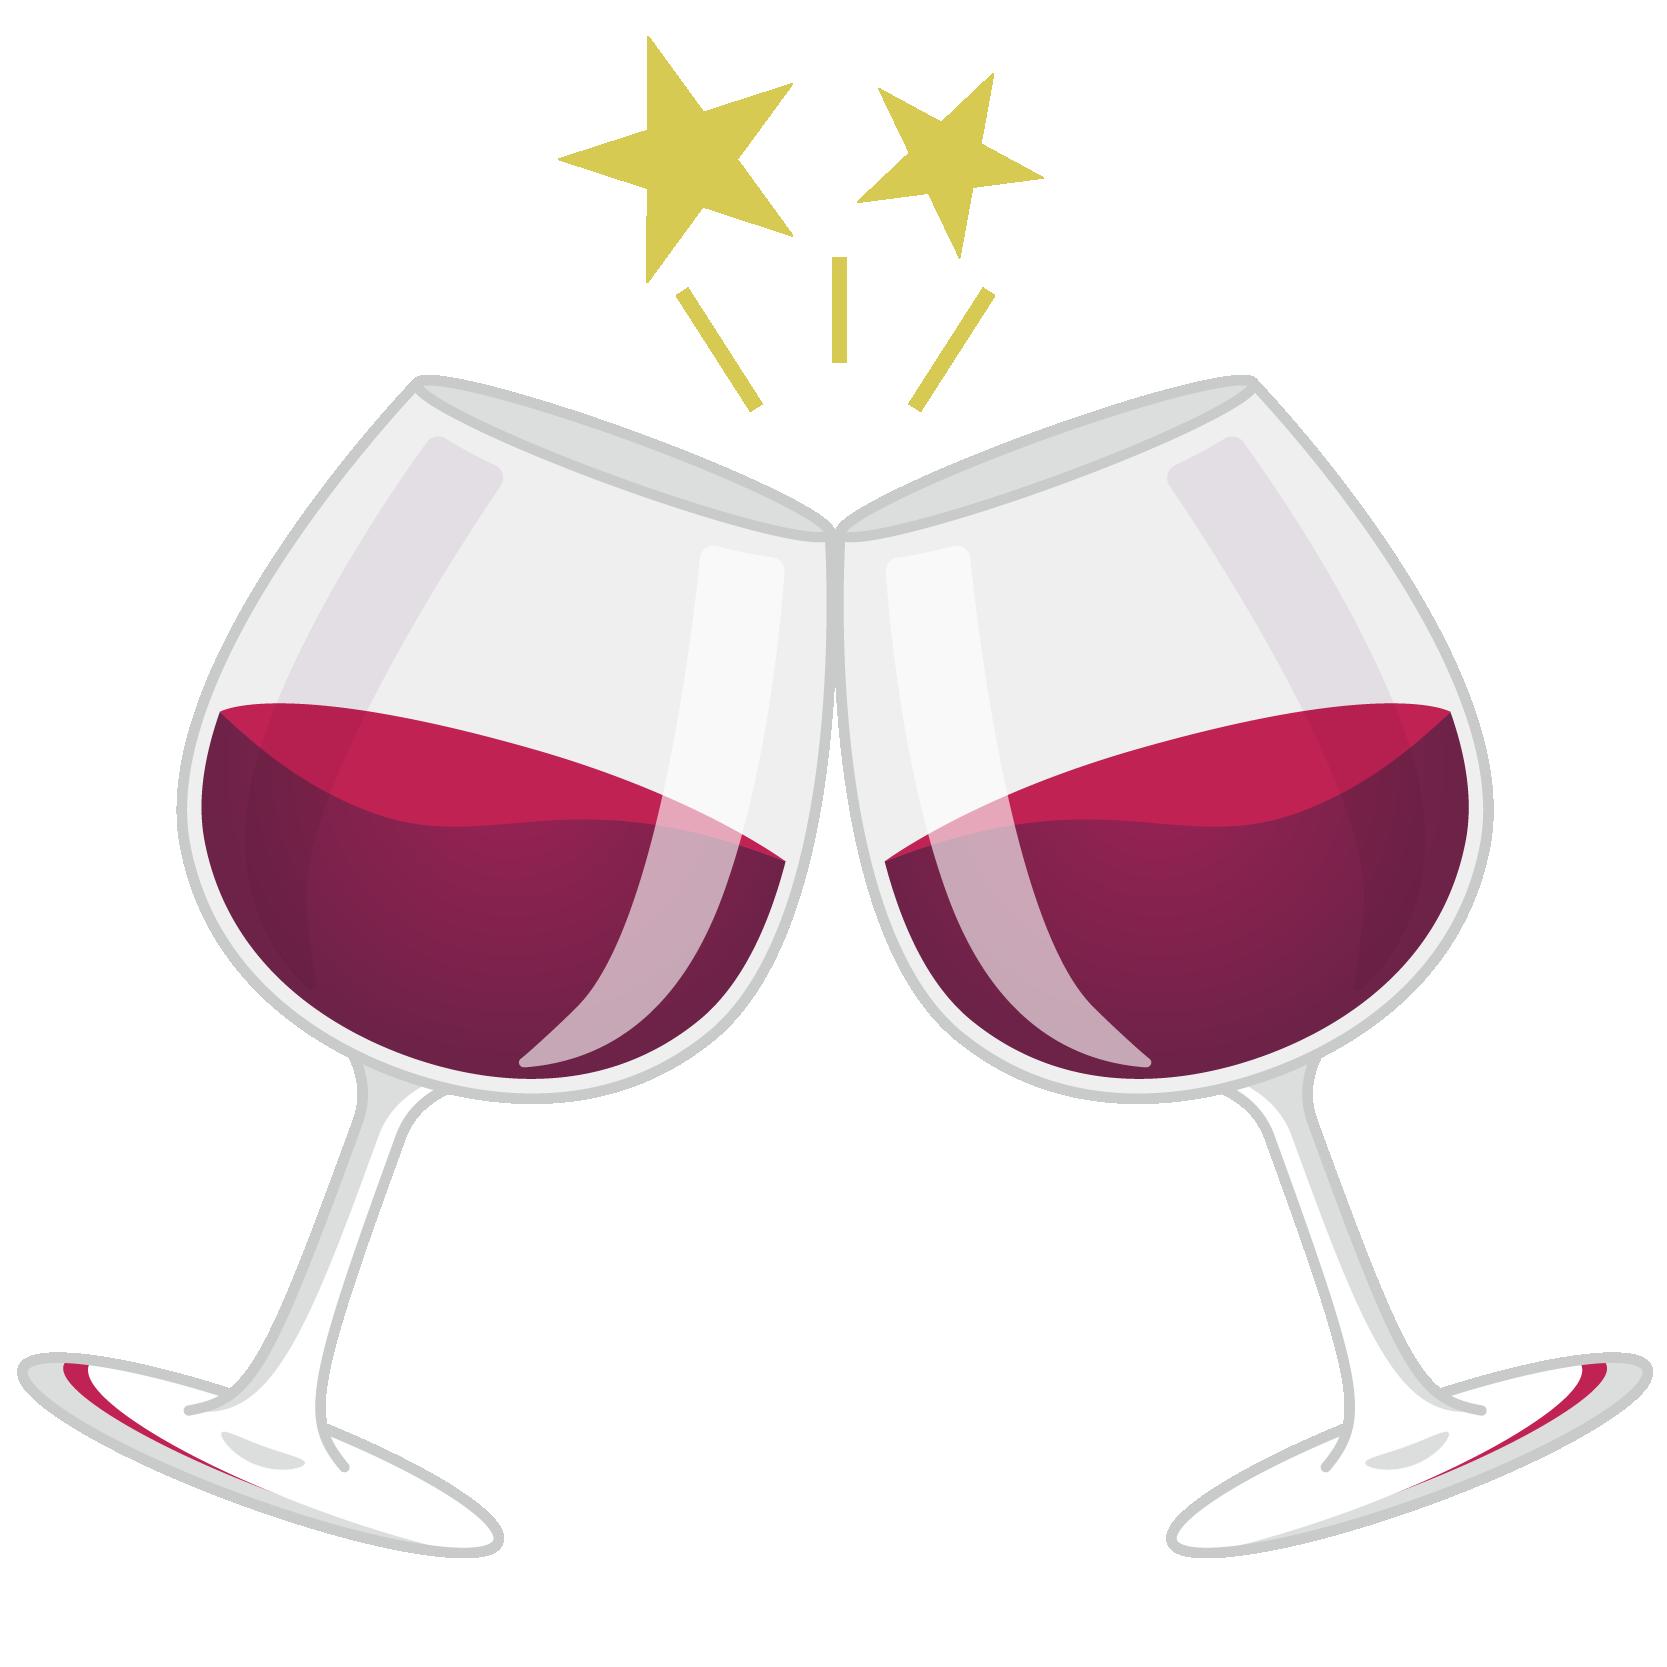 商用フリーイラスト_11月_ボジョレーヌーボー_ワイン_赤_グラス_乾杯_Beaujolais Nouveau